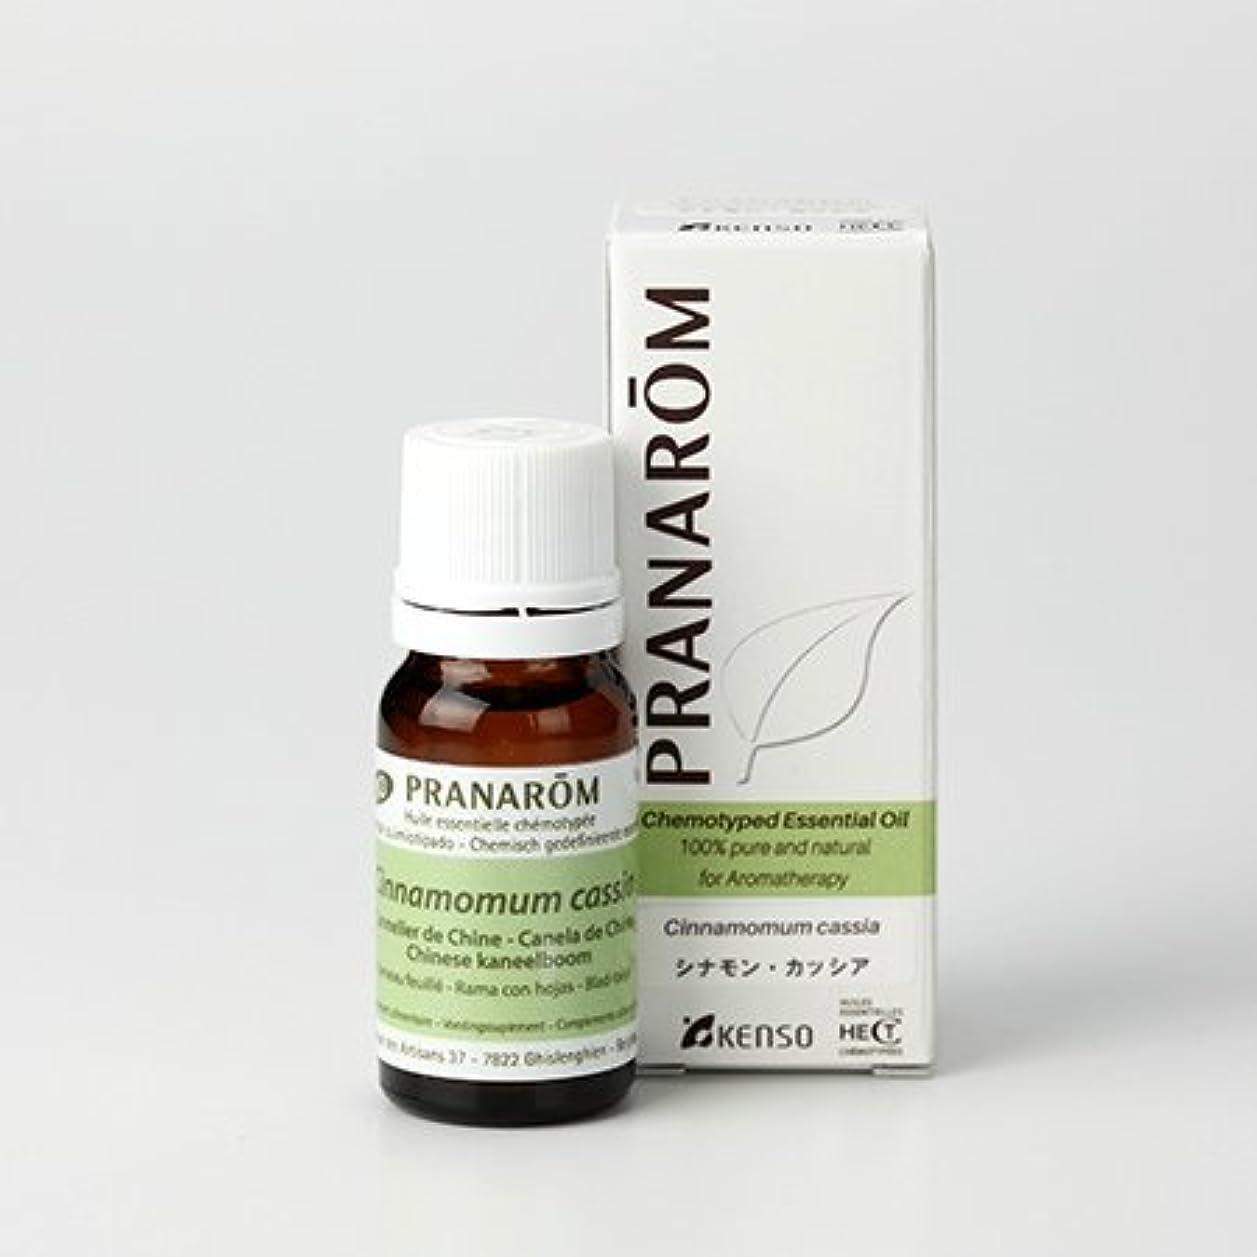 プラナロム シナモンカッシア 10ml (PRANAROM ケモタイプ精油)